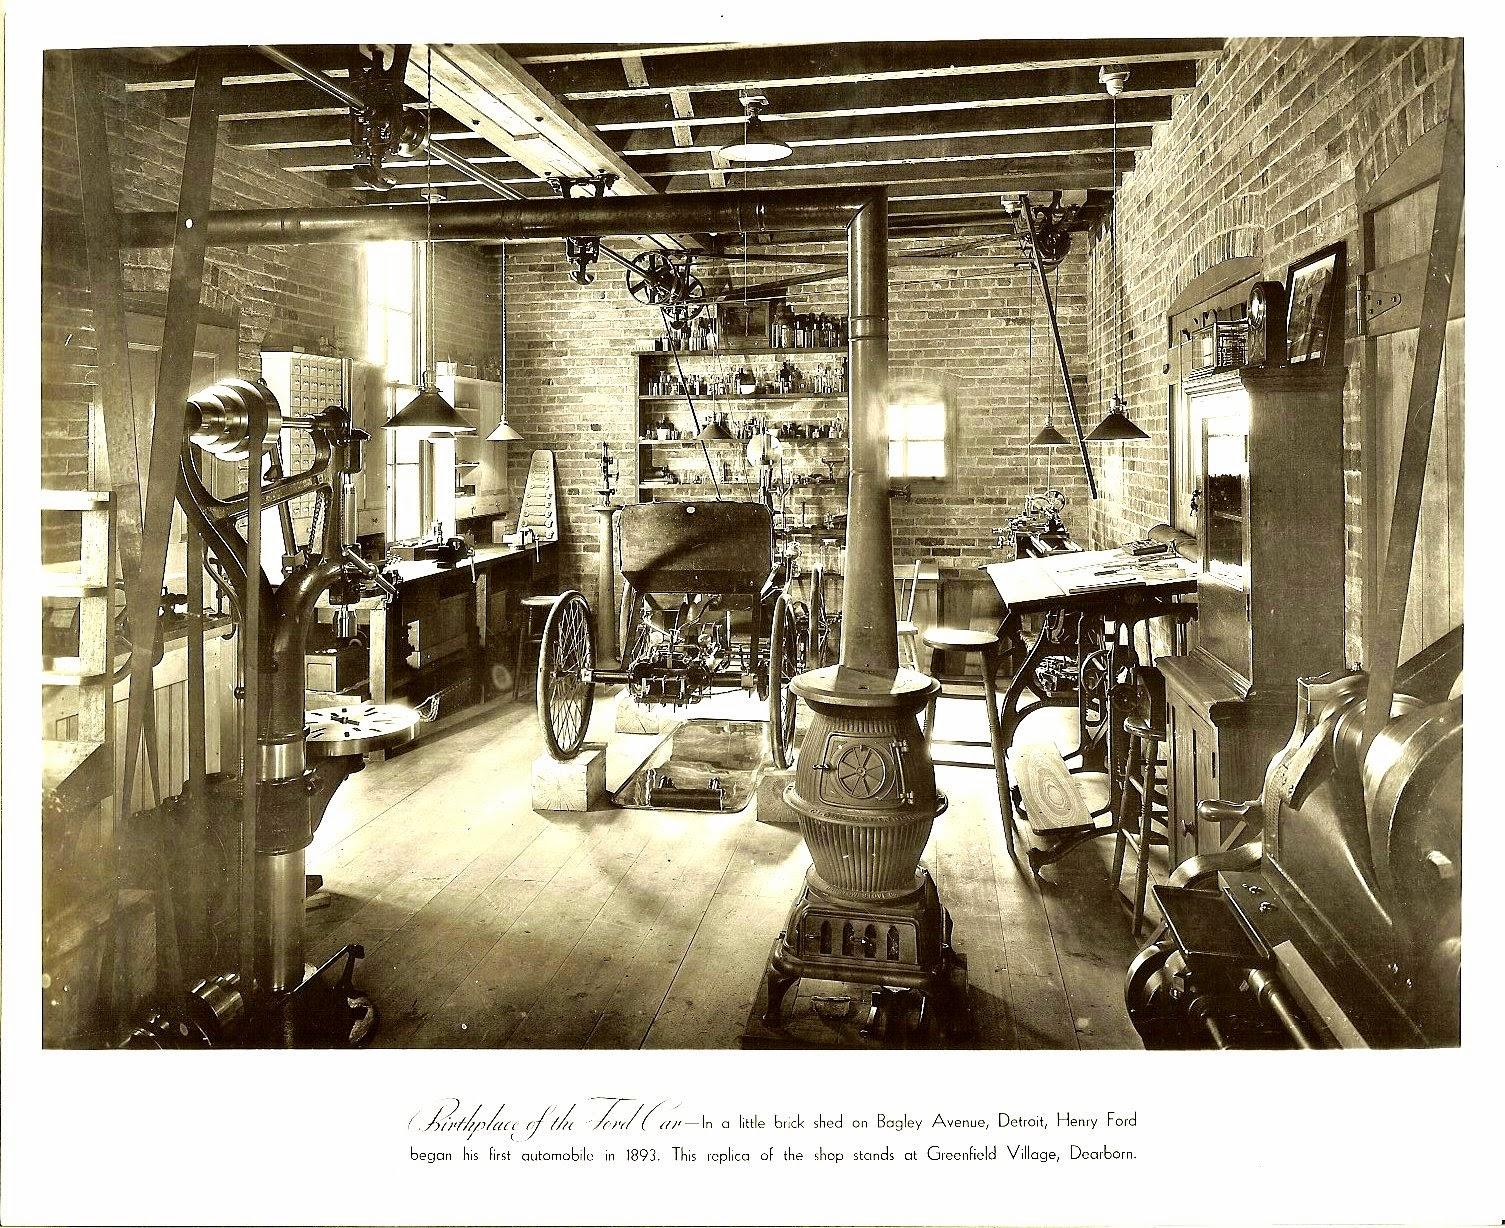 Lugar de nacimiento del coche Ford en Bagley Avenue, Detroit, Michigan